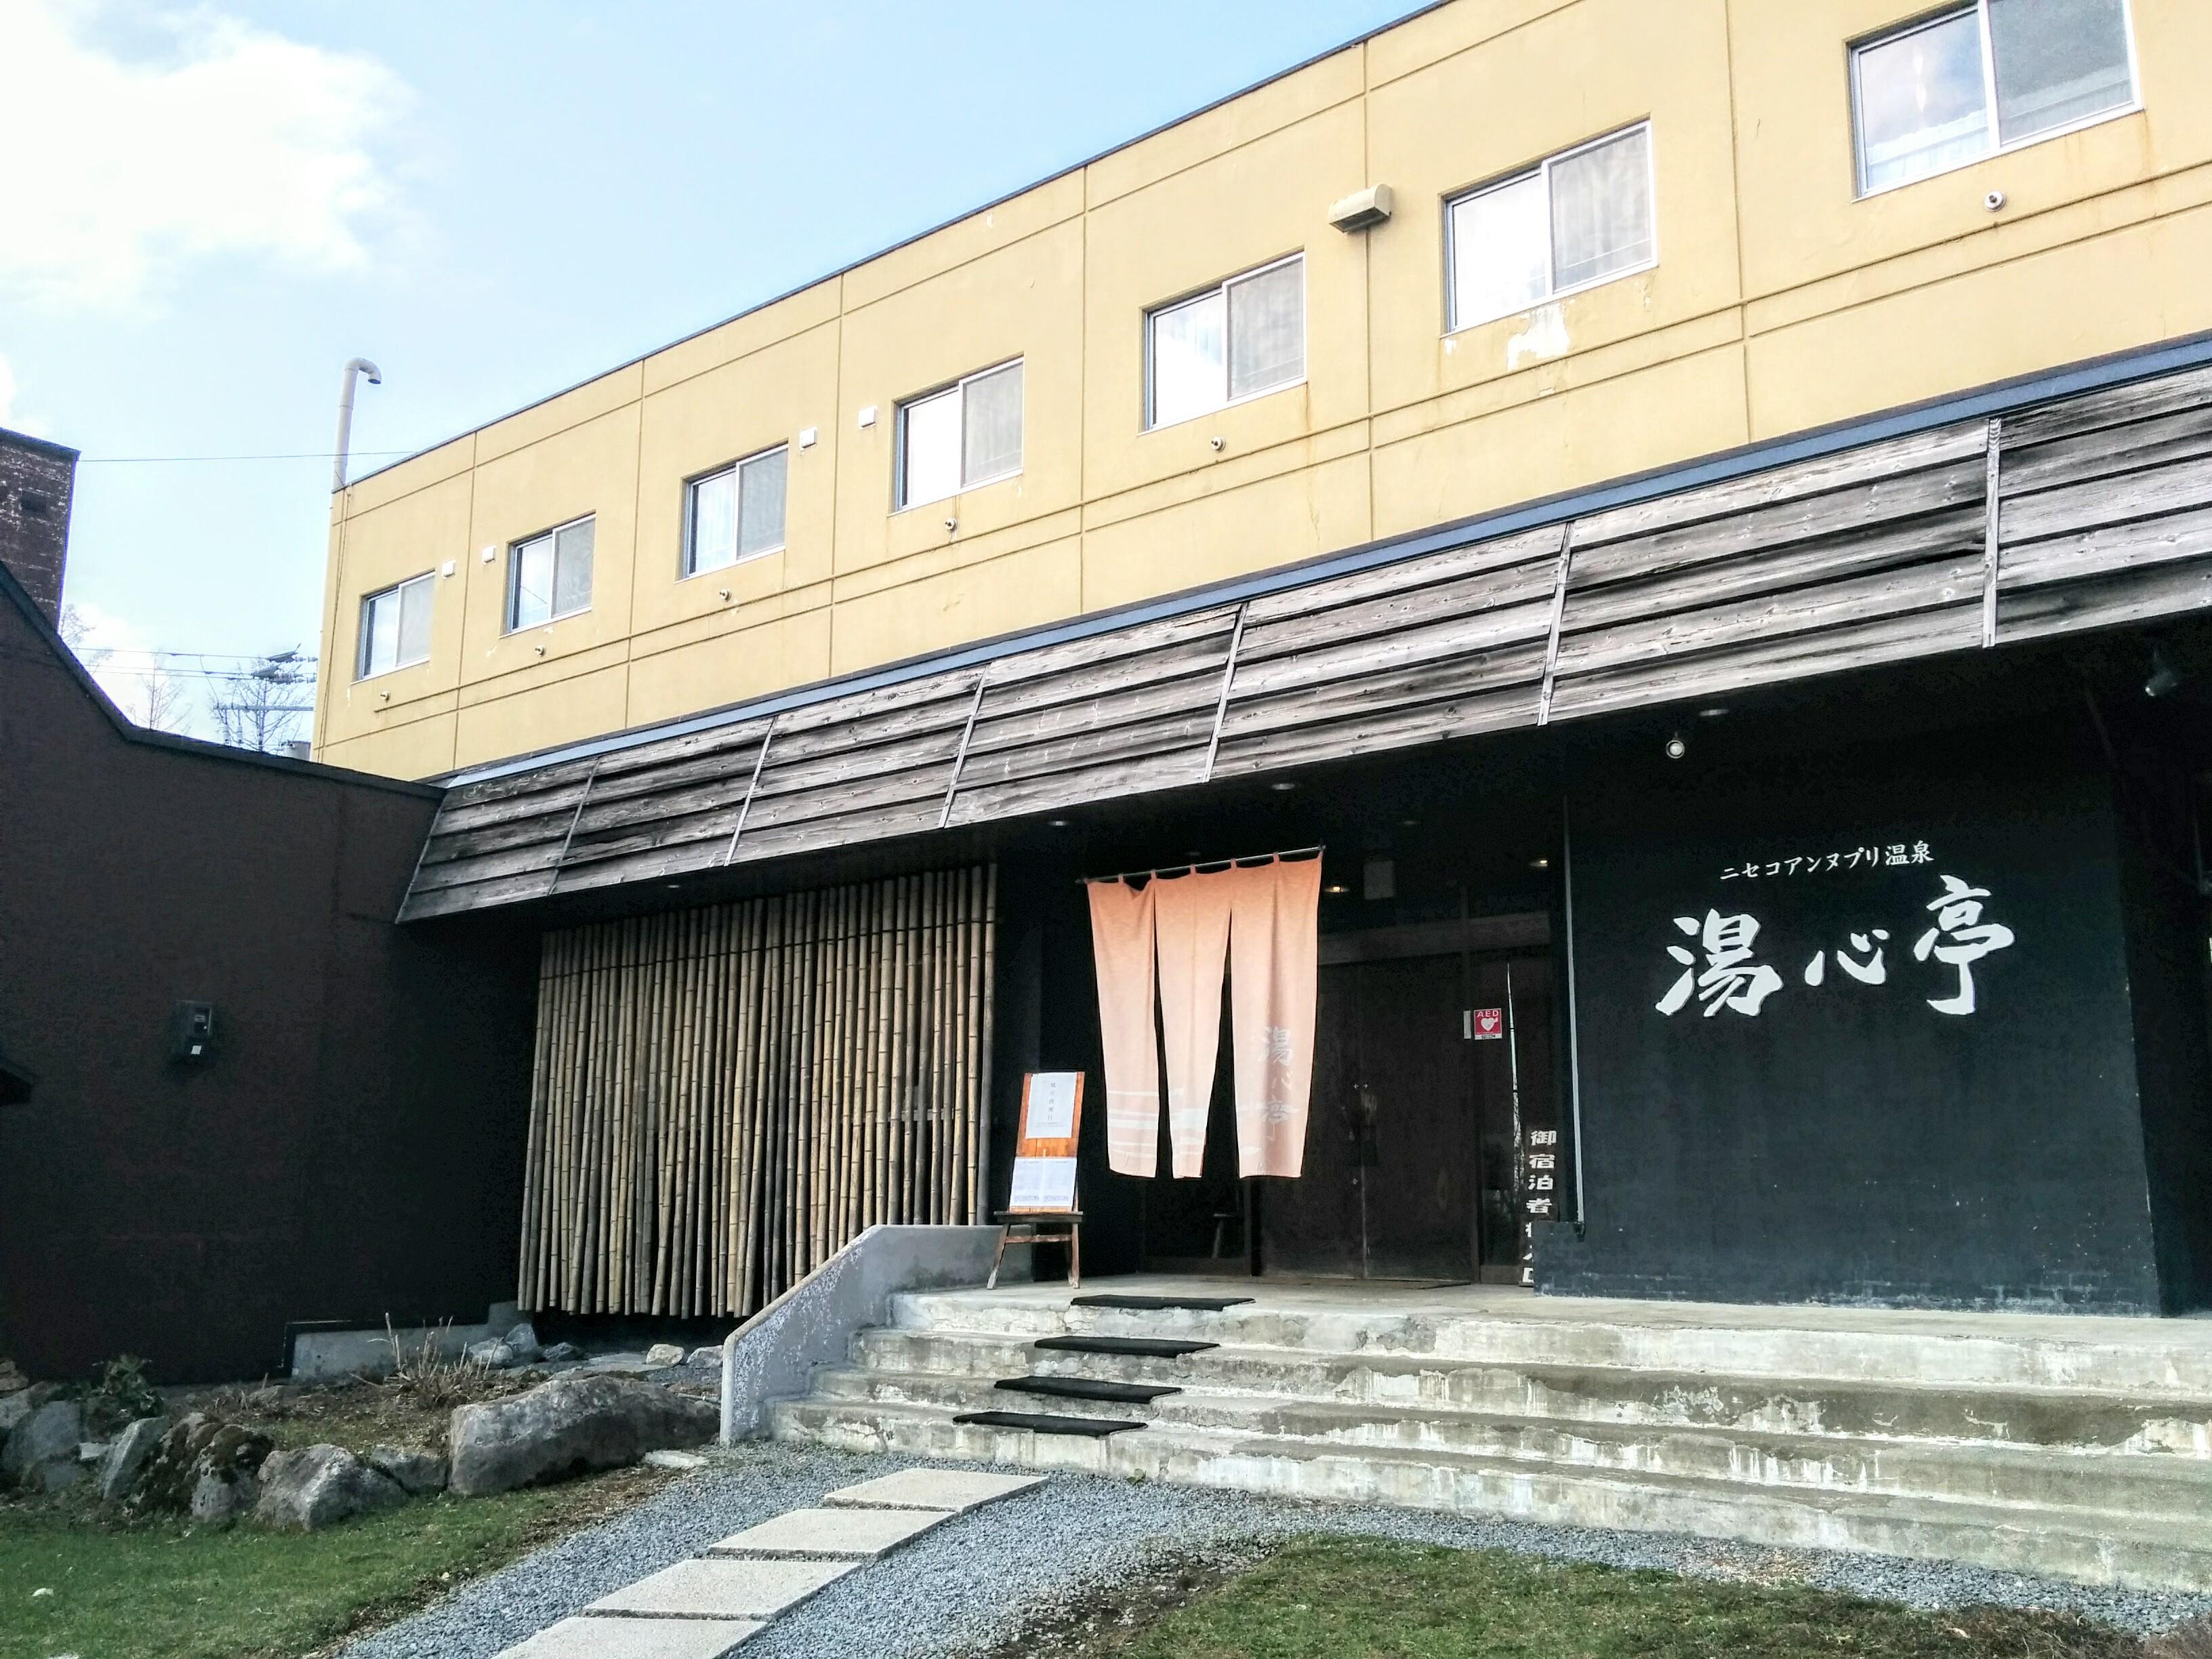 【ニセコ】ニセコアンヌプリ温泉・湯心亭観光タクシー